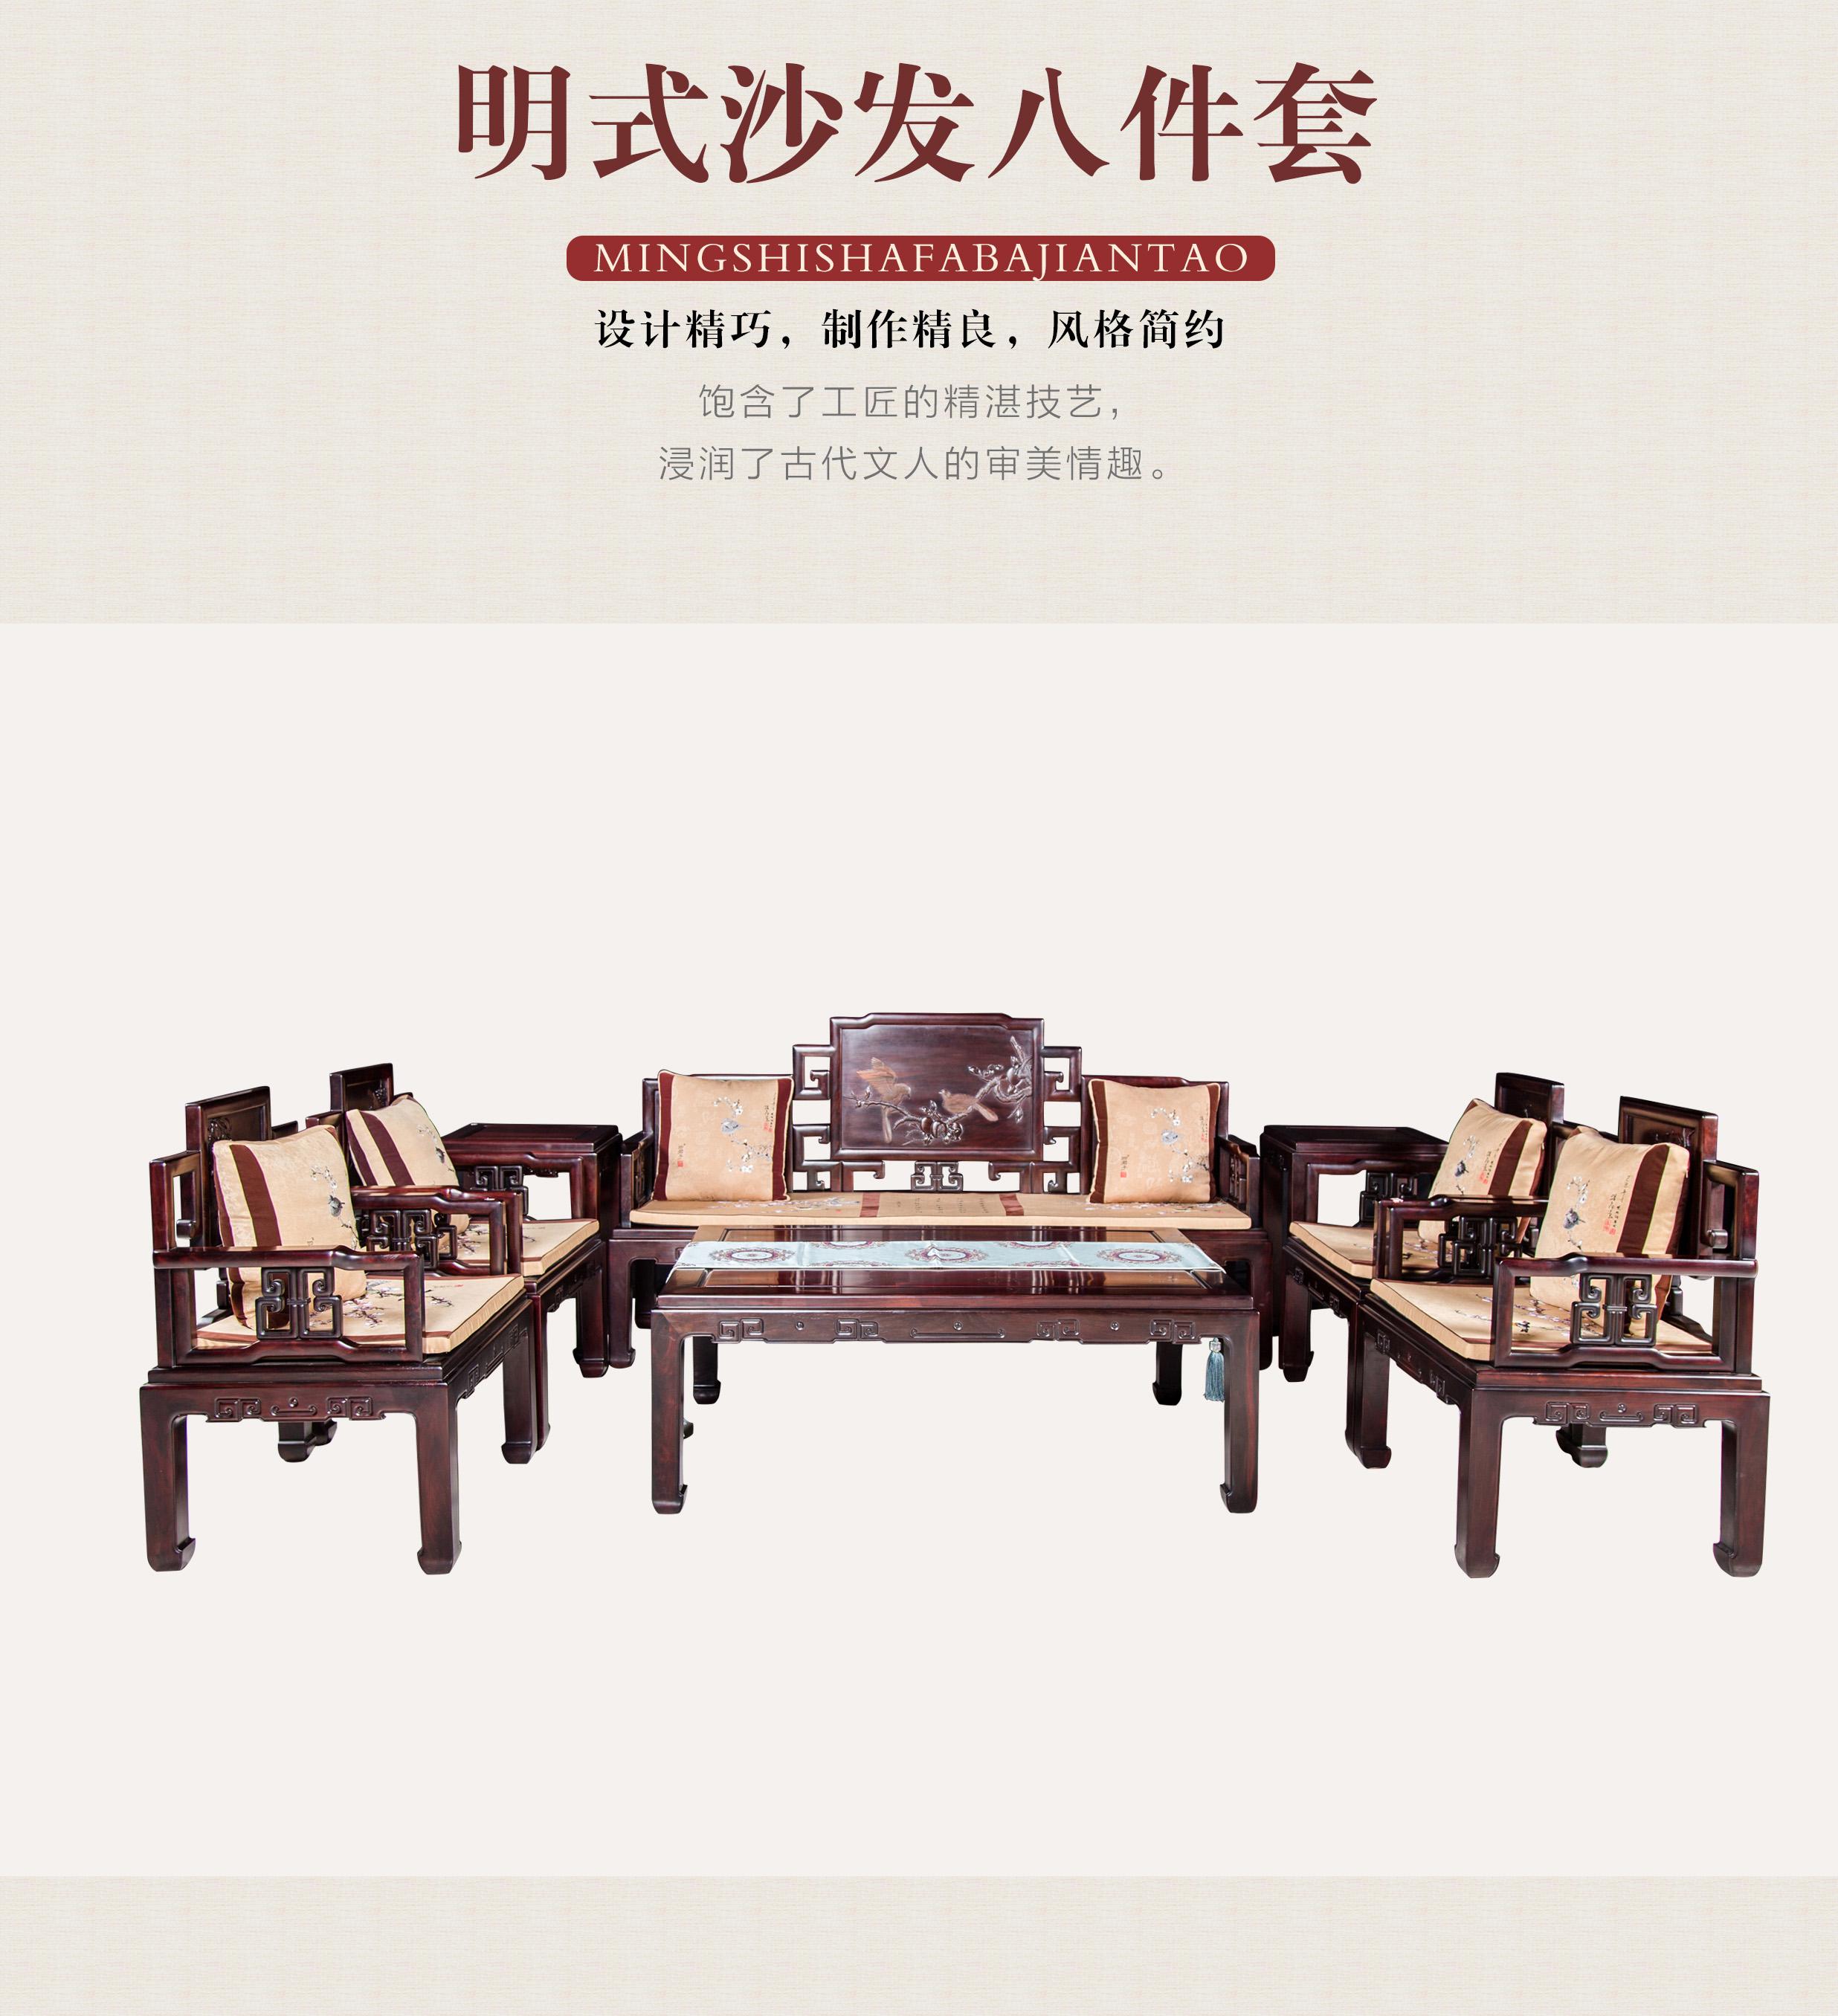 明式沙发八件套_02副本.jpg